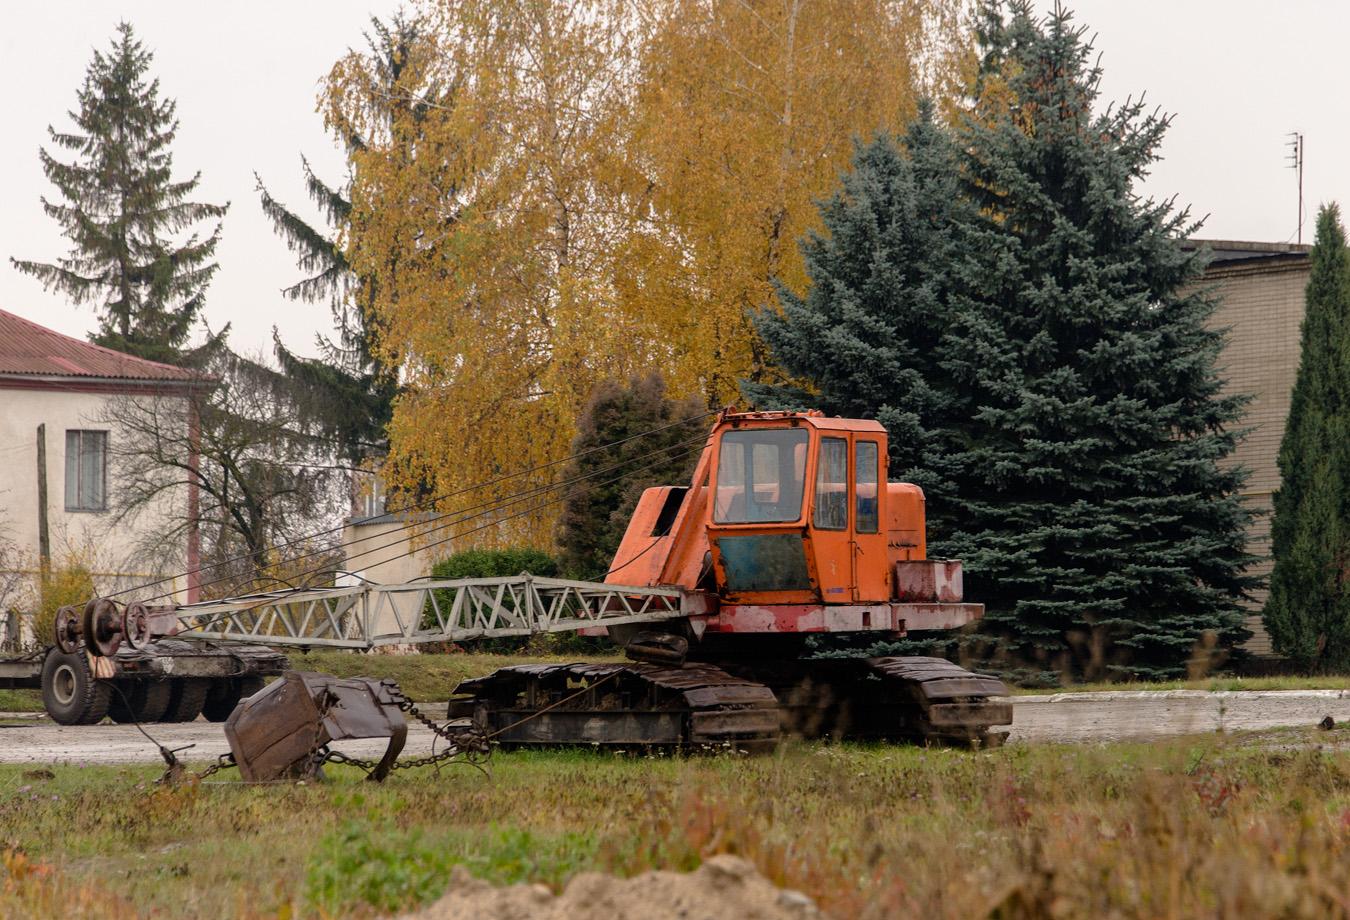 Экскаватор ЭО-3211* с оборудованием драглайна. Тернопольская область, г. Чортков